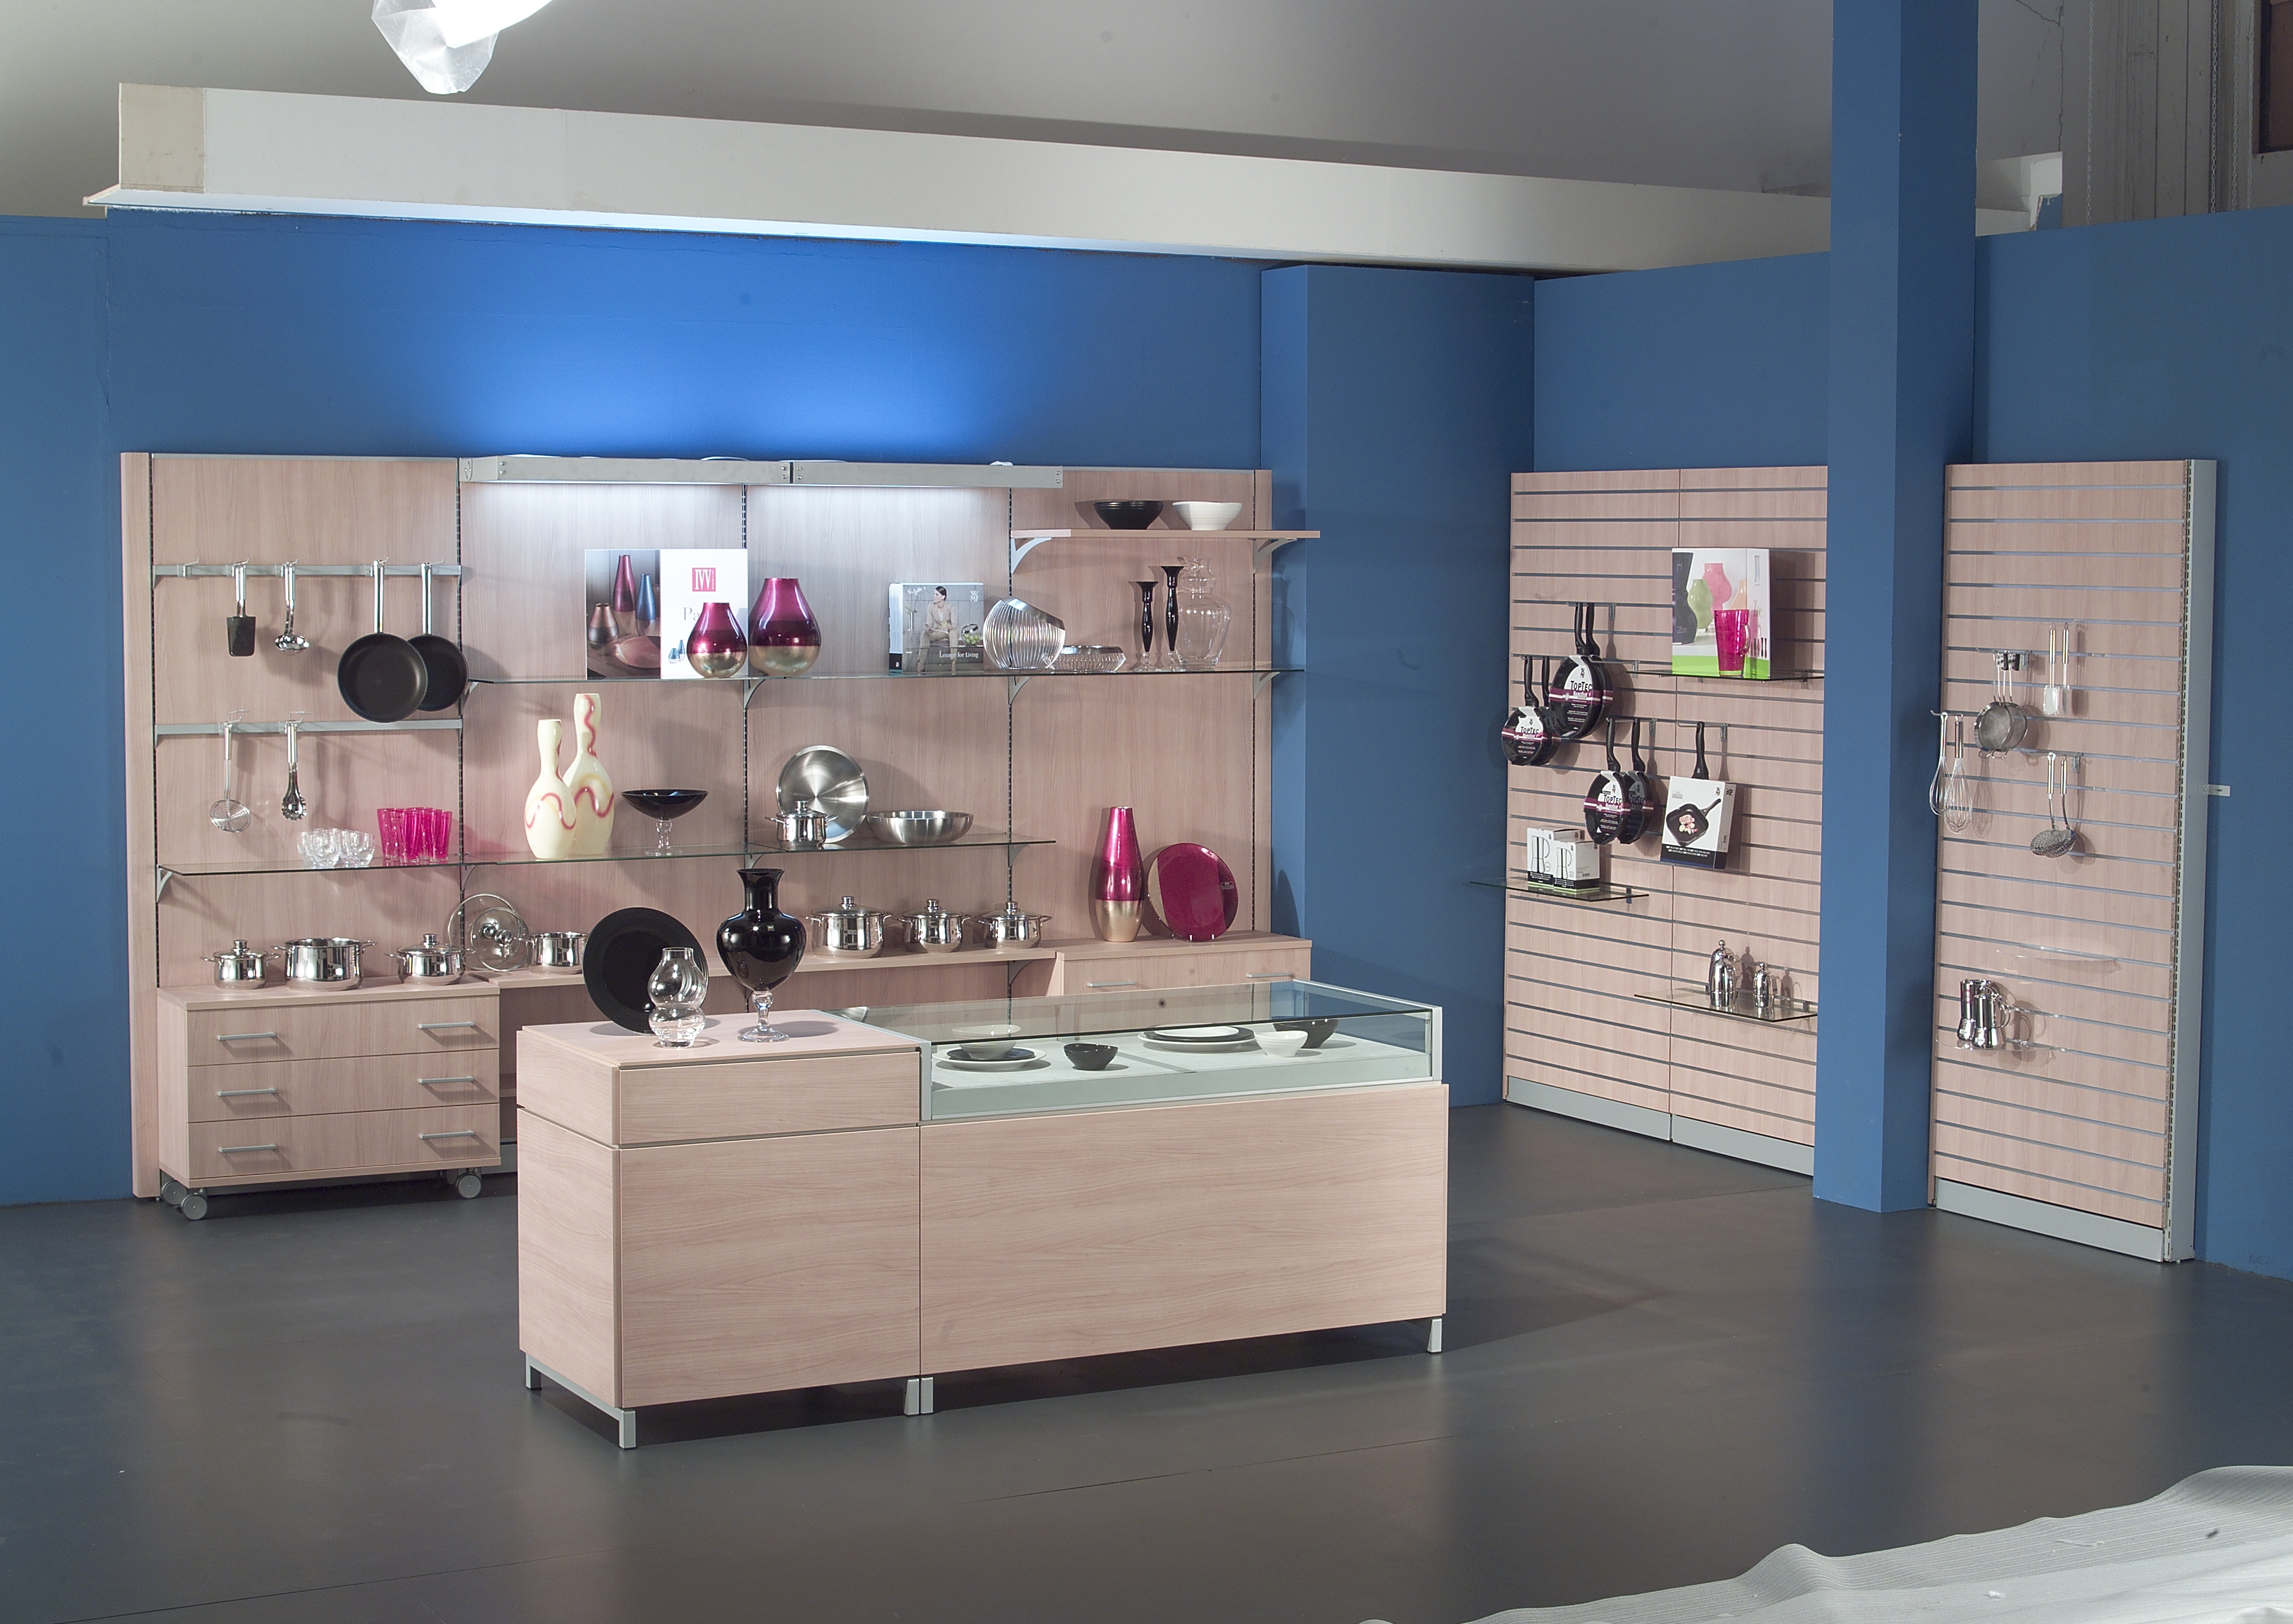 arredamento per negozio di articoli da regalo e profumeria